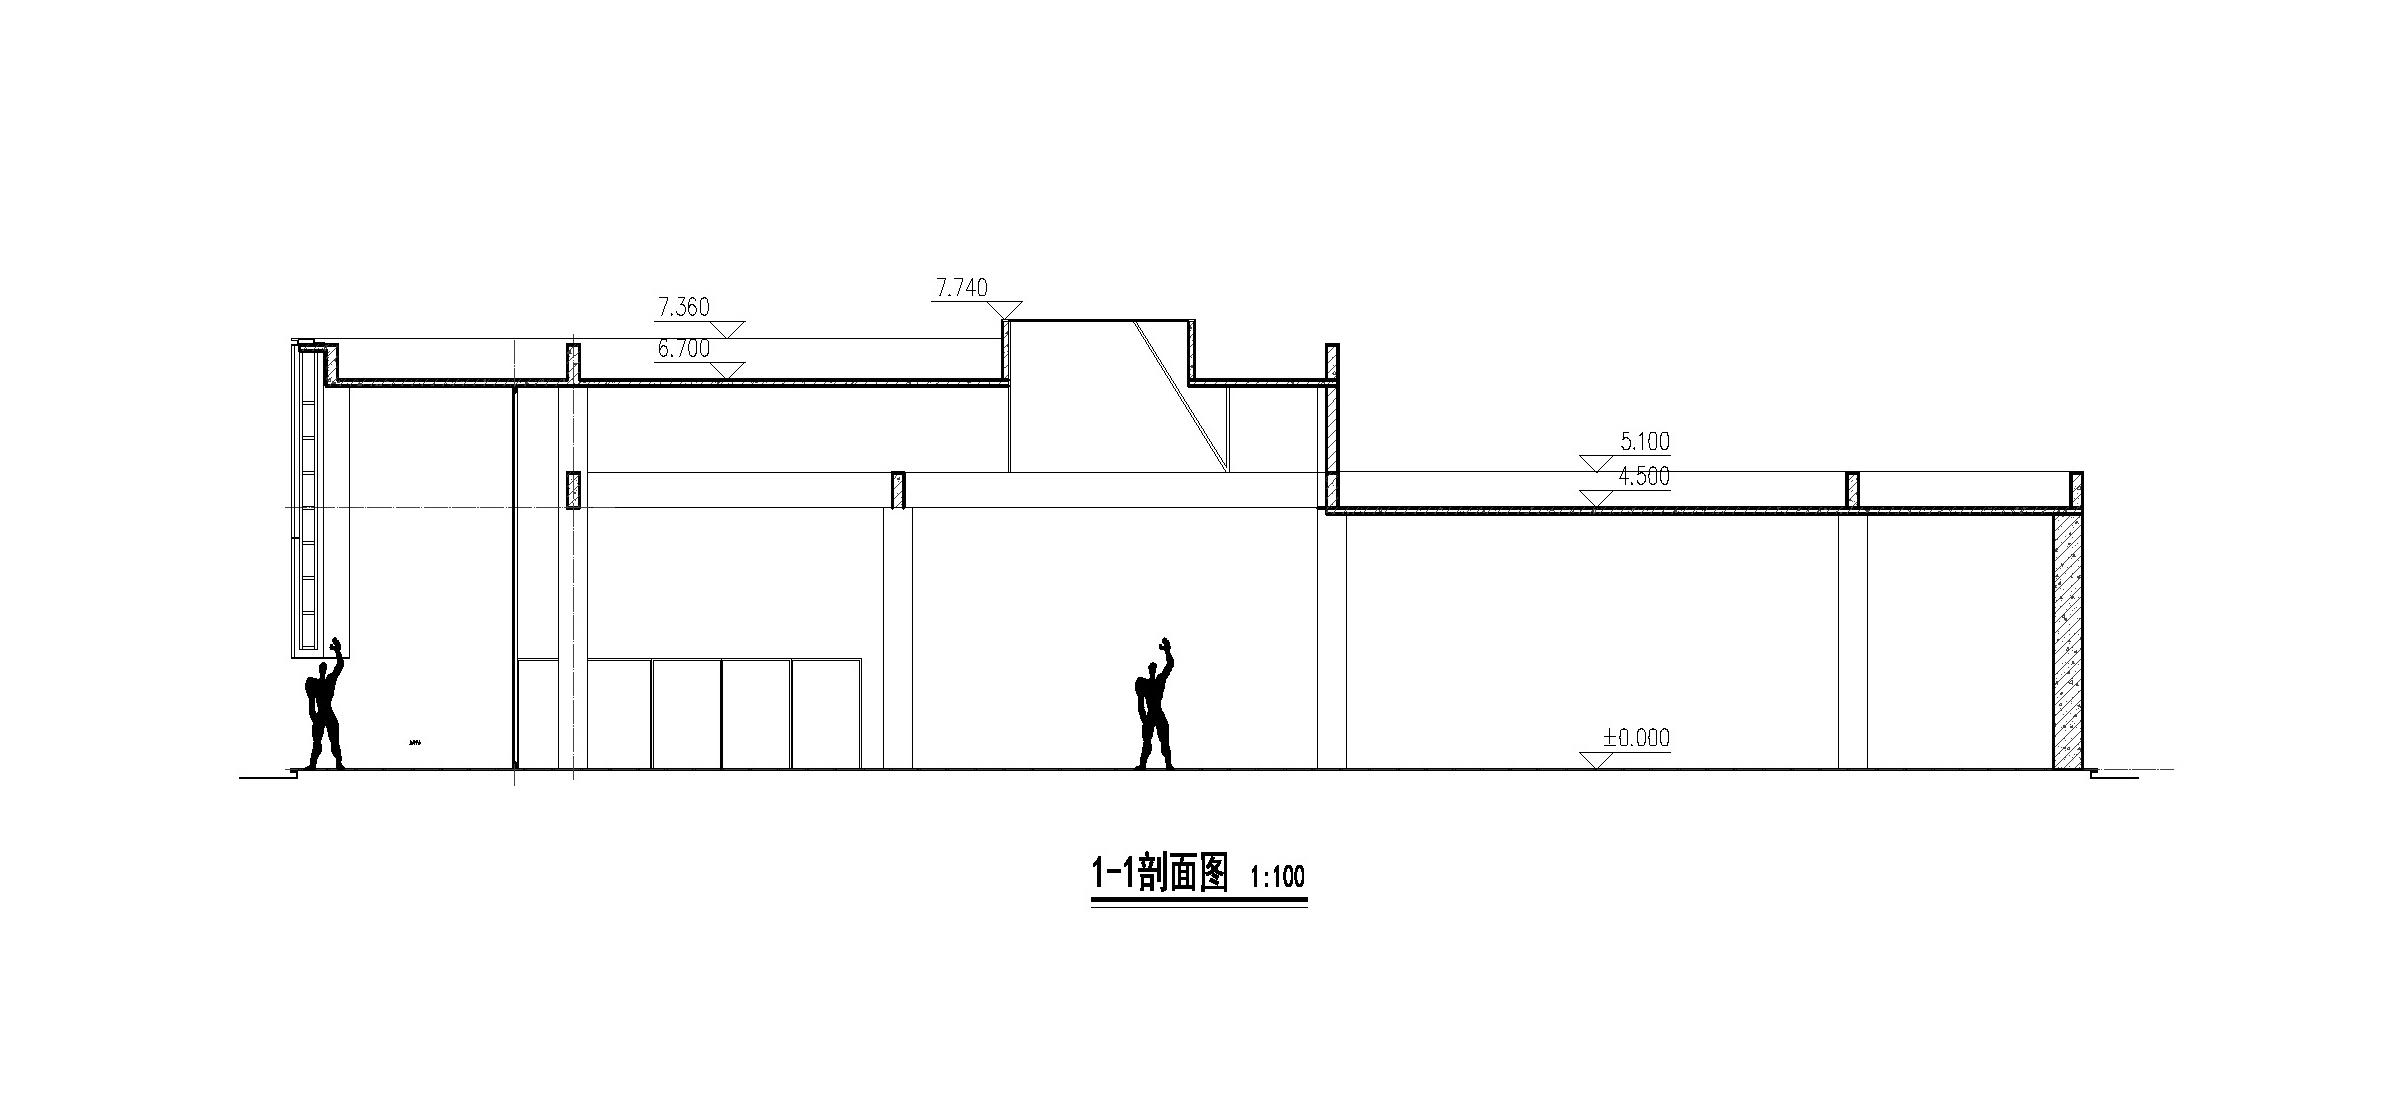 厦门前海湾展示中心建筑设计/PTA上海柏涛